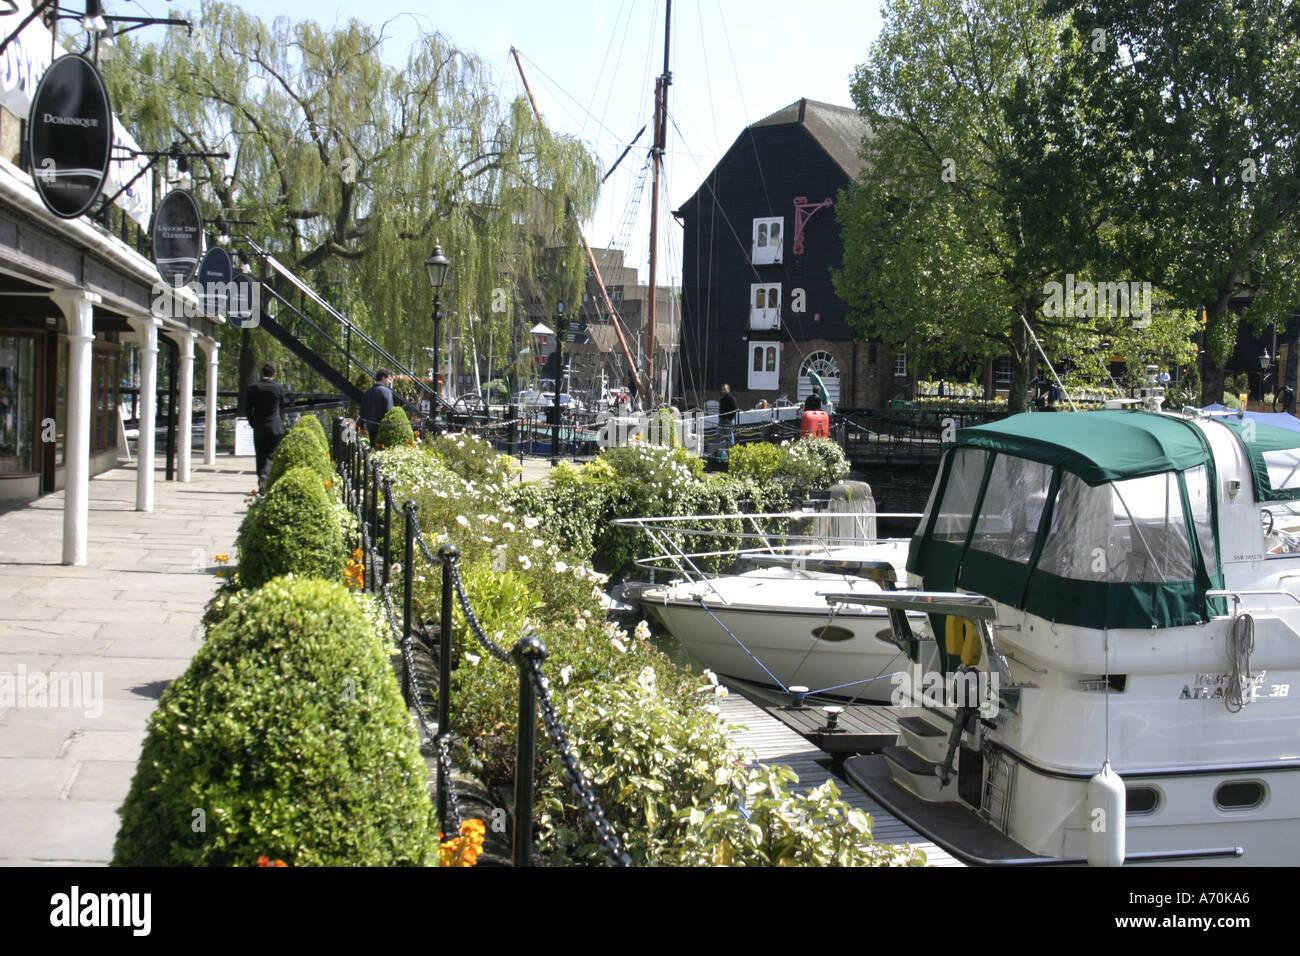 St Katherines dock london uk 2005 Photo Stock